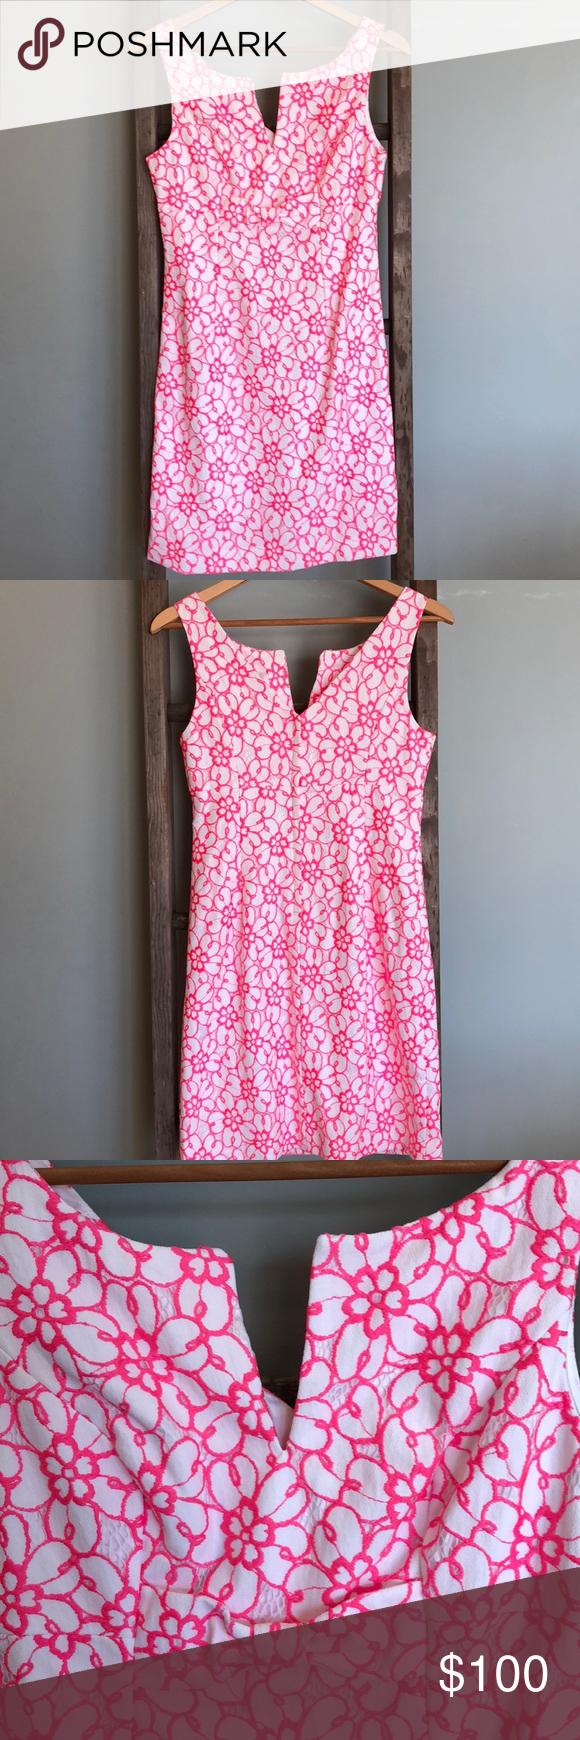 Lilly Pulitzer Daena Dress, Sz 6, NWT